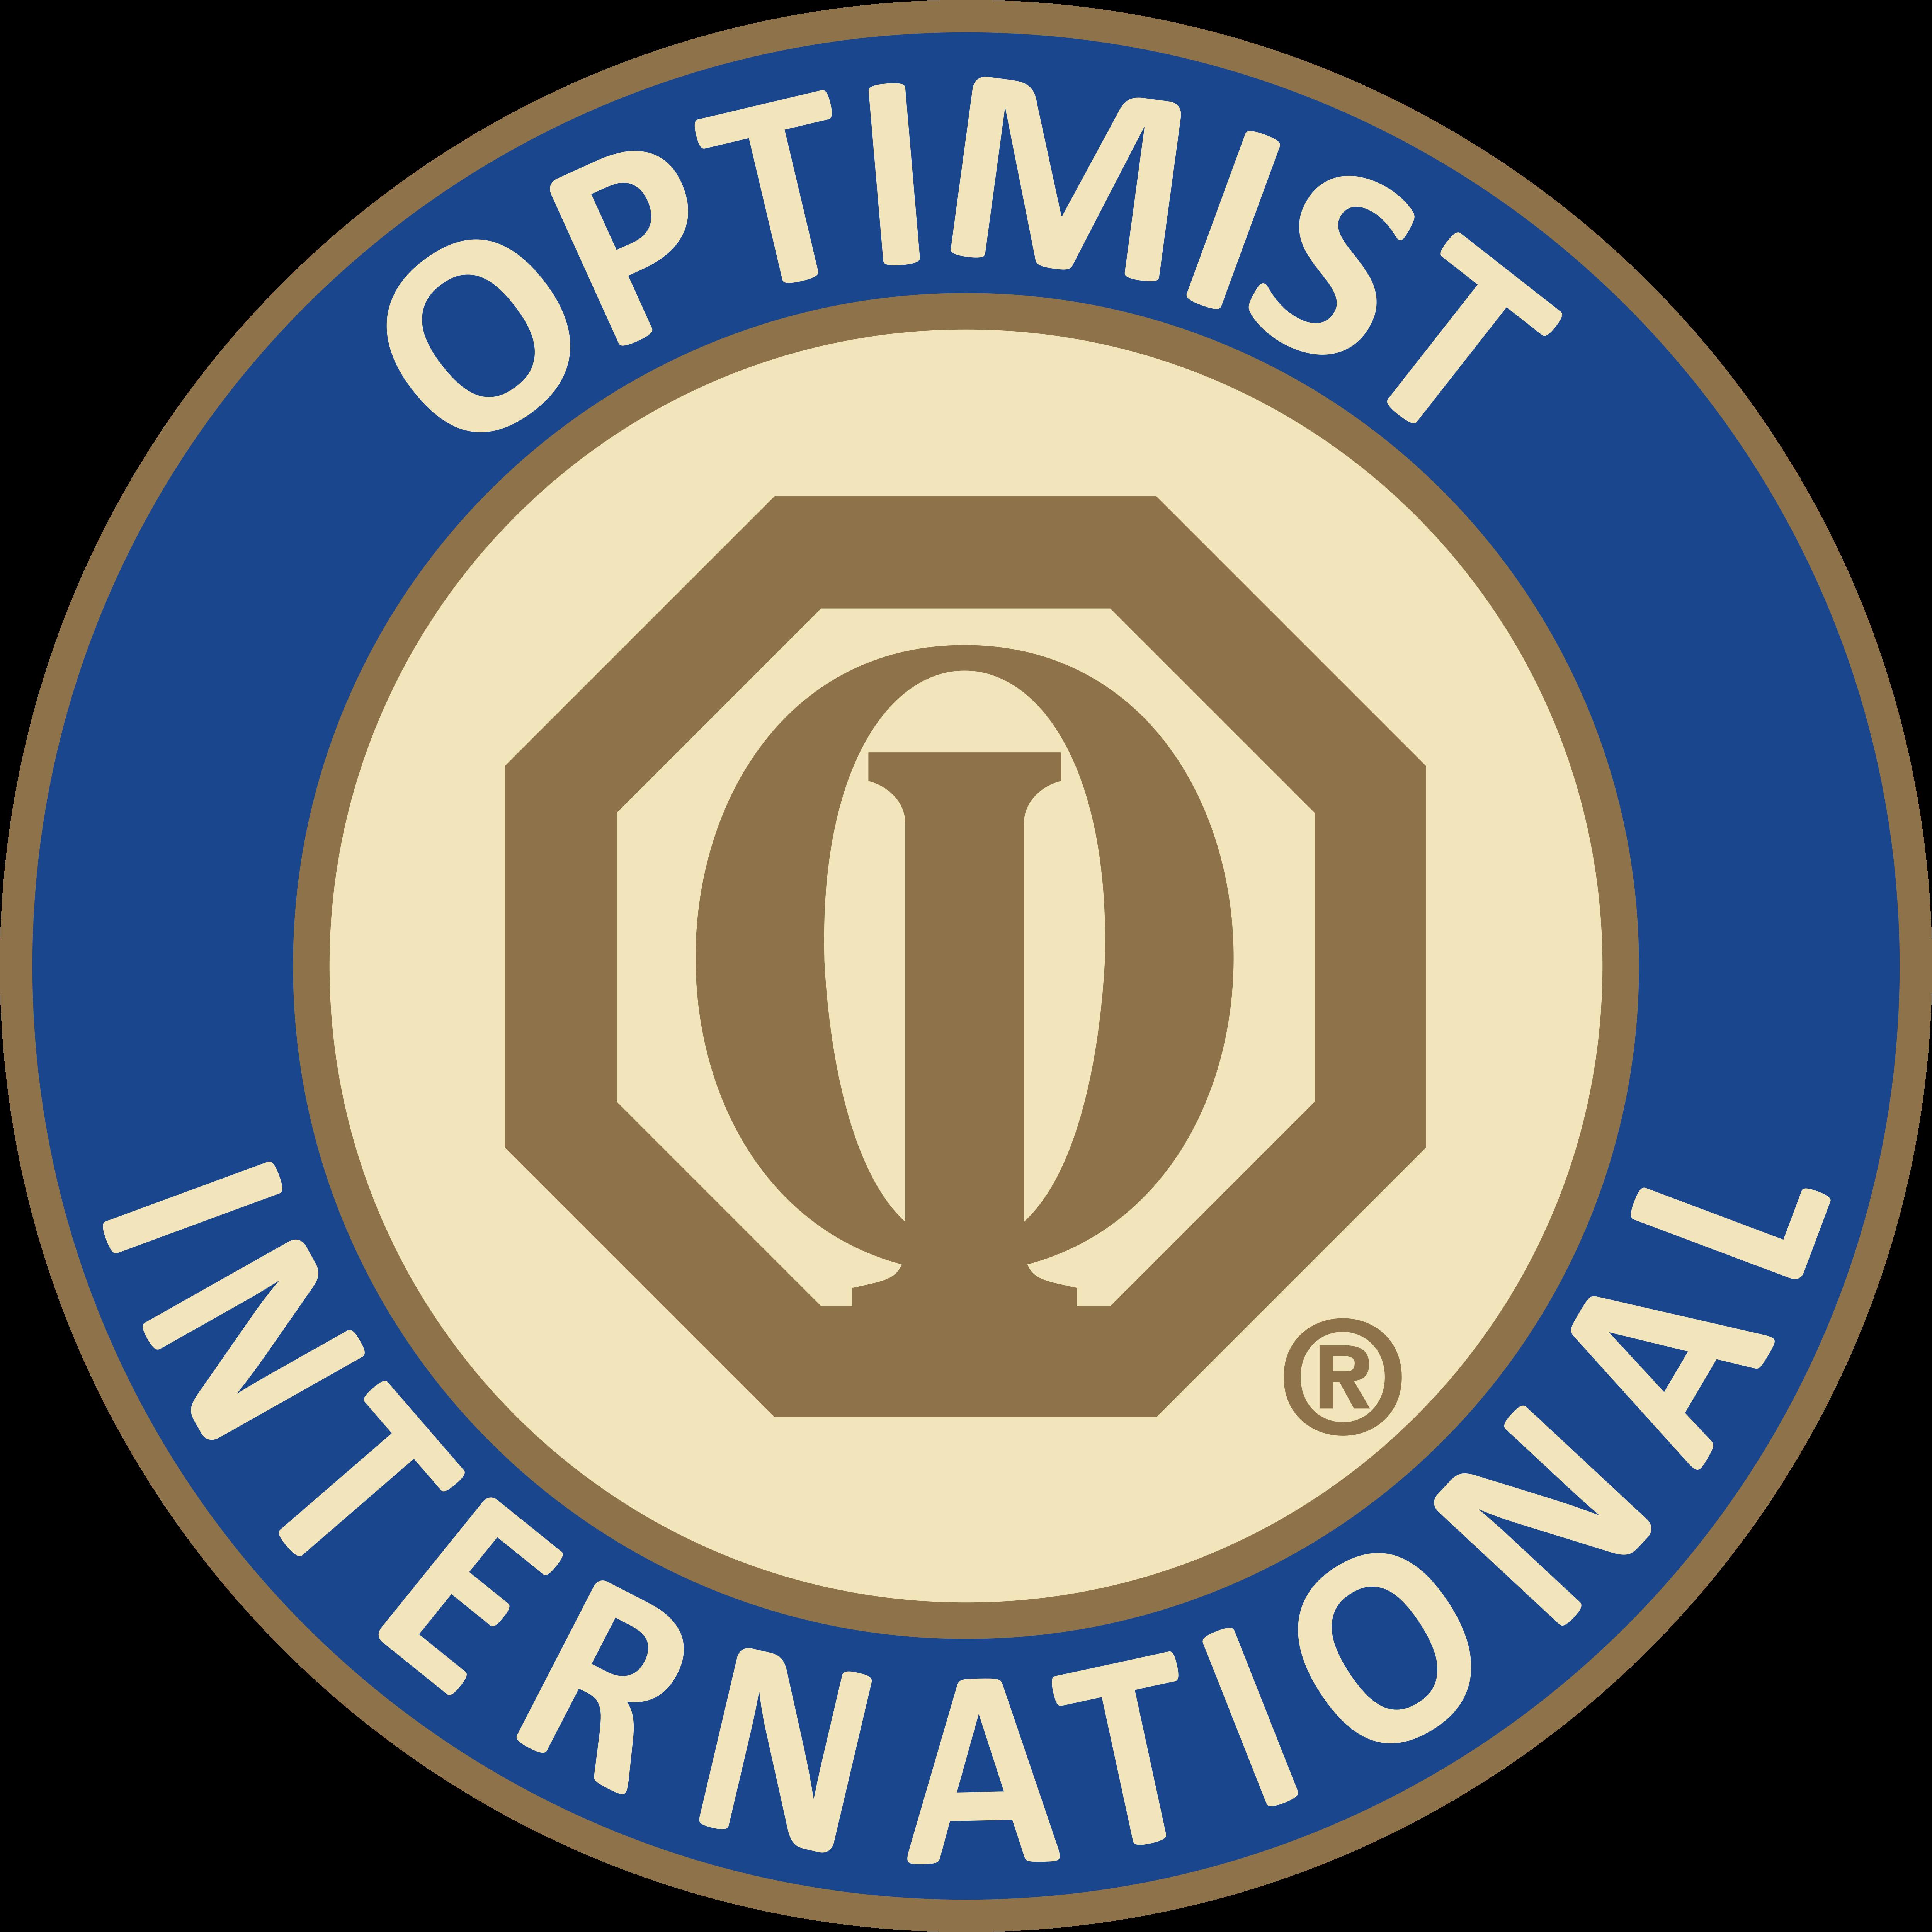 Optimist International.